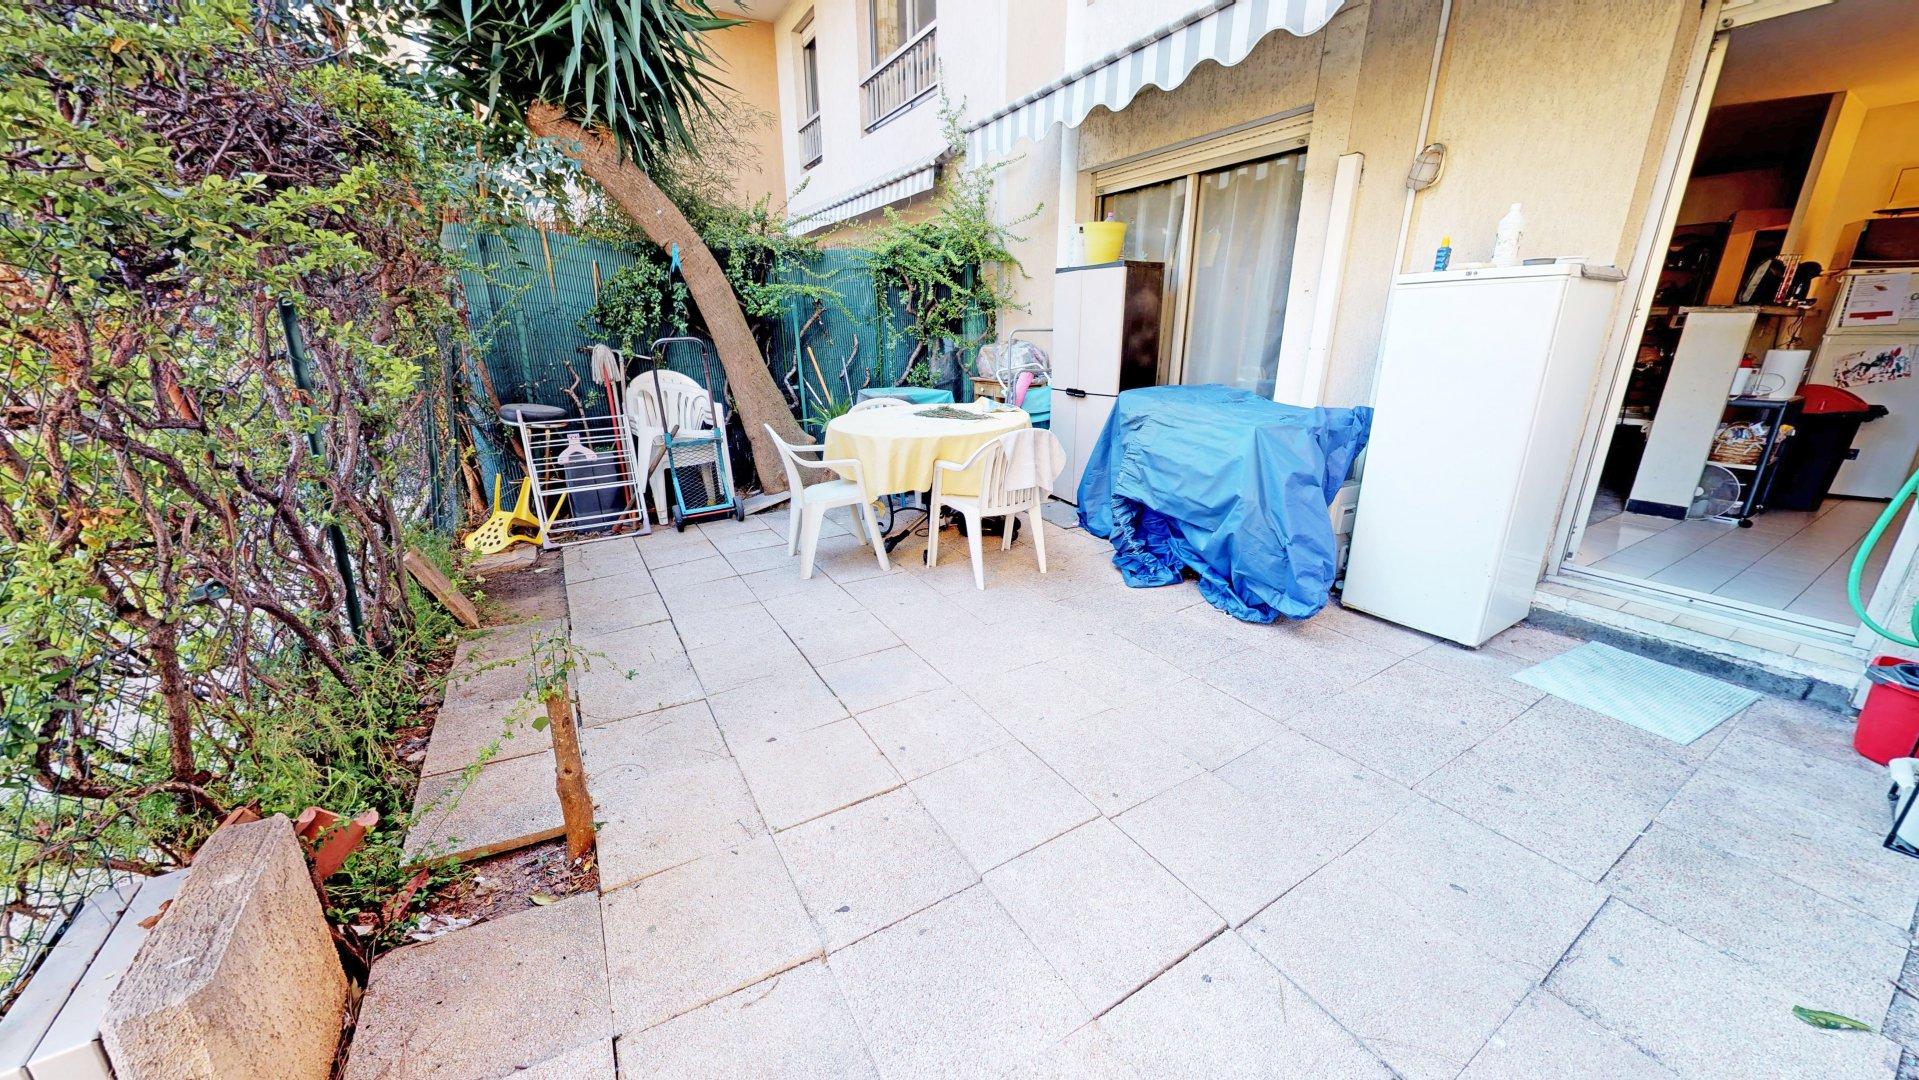 3 pièces terrasse A vendre, Nice, Acropolis